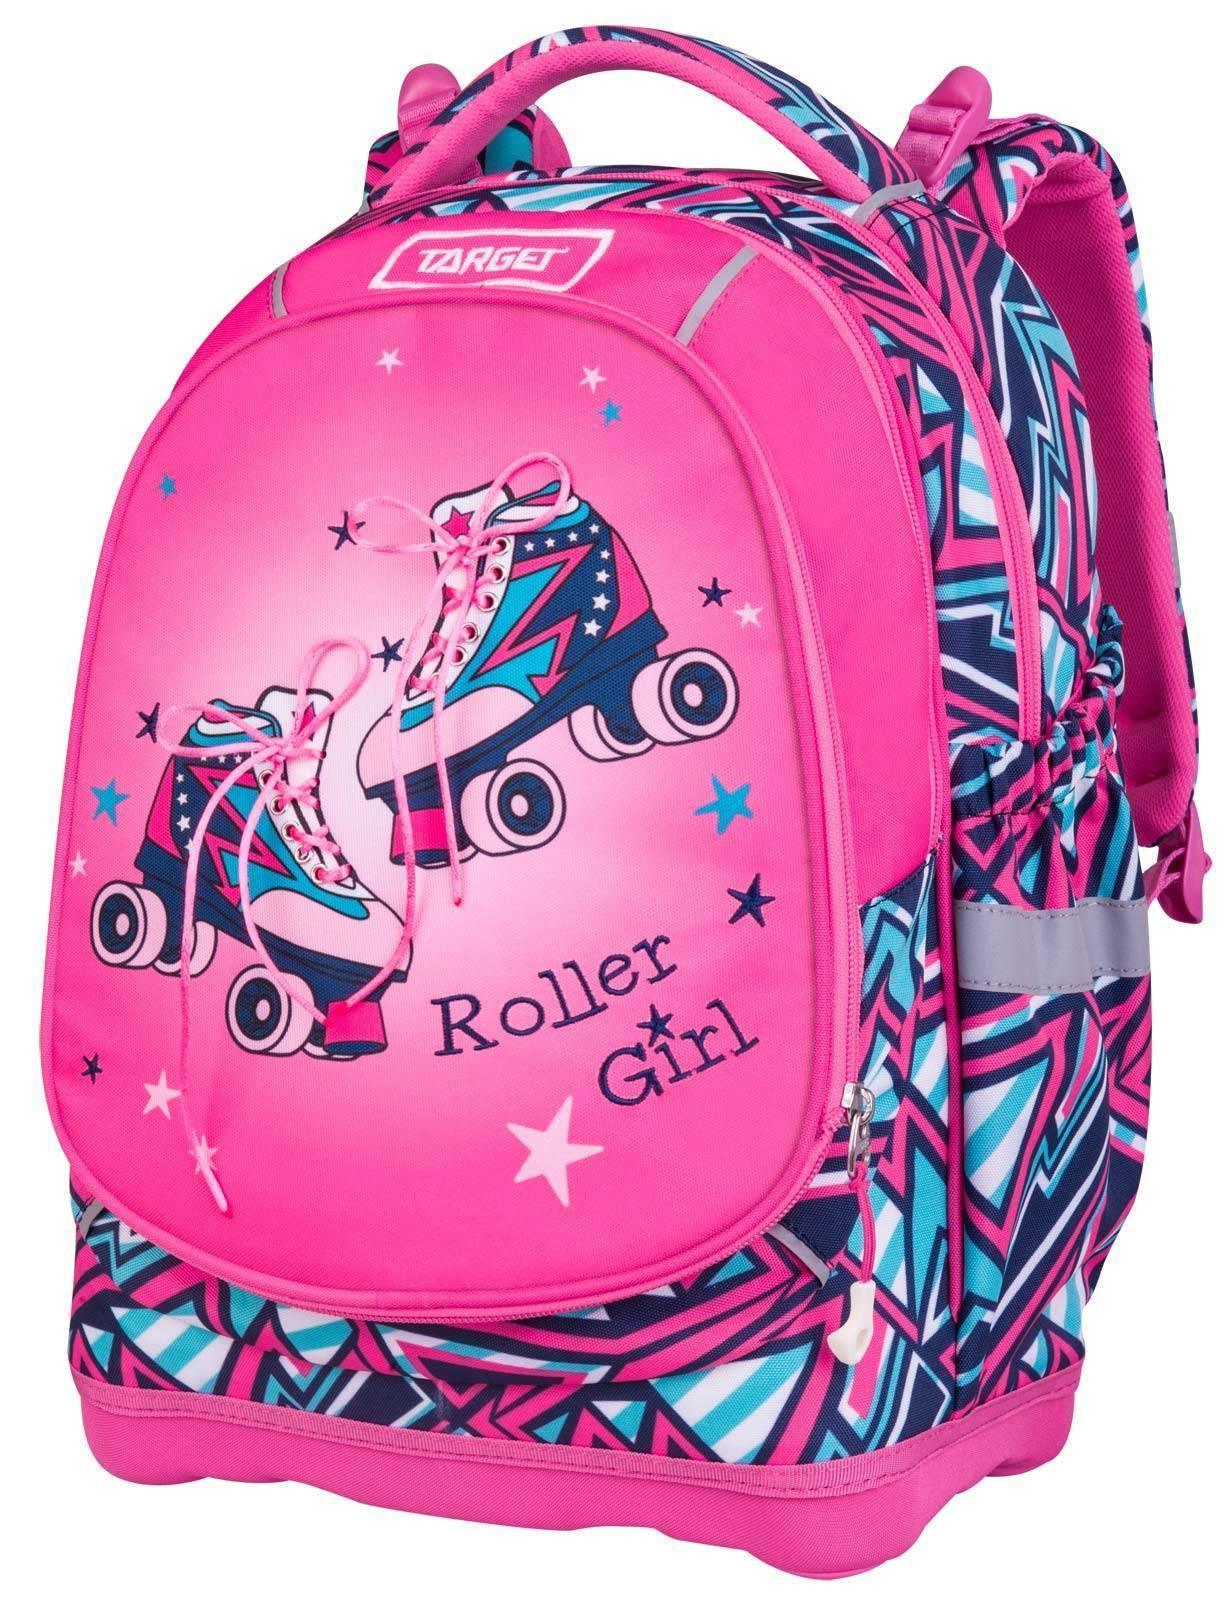 Target anatomski ranac Superlight 2 Face Petit Roller Girl – ranac sa 2 lica